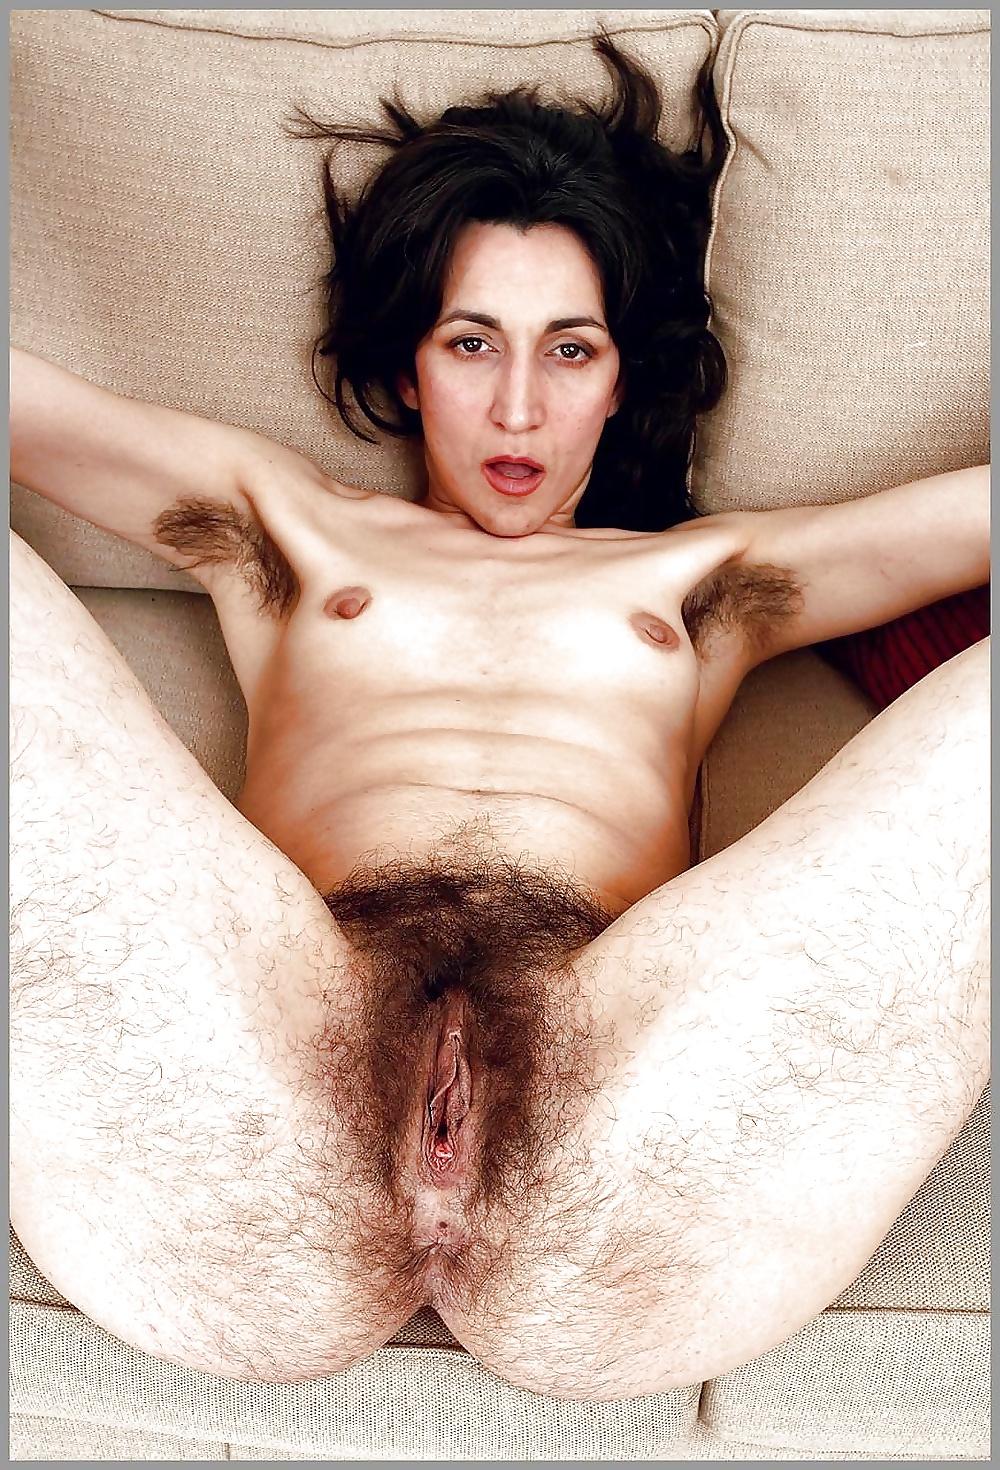 Worlds hairiest vagina